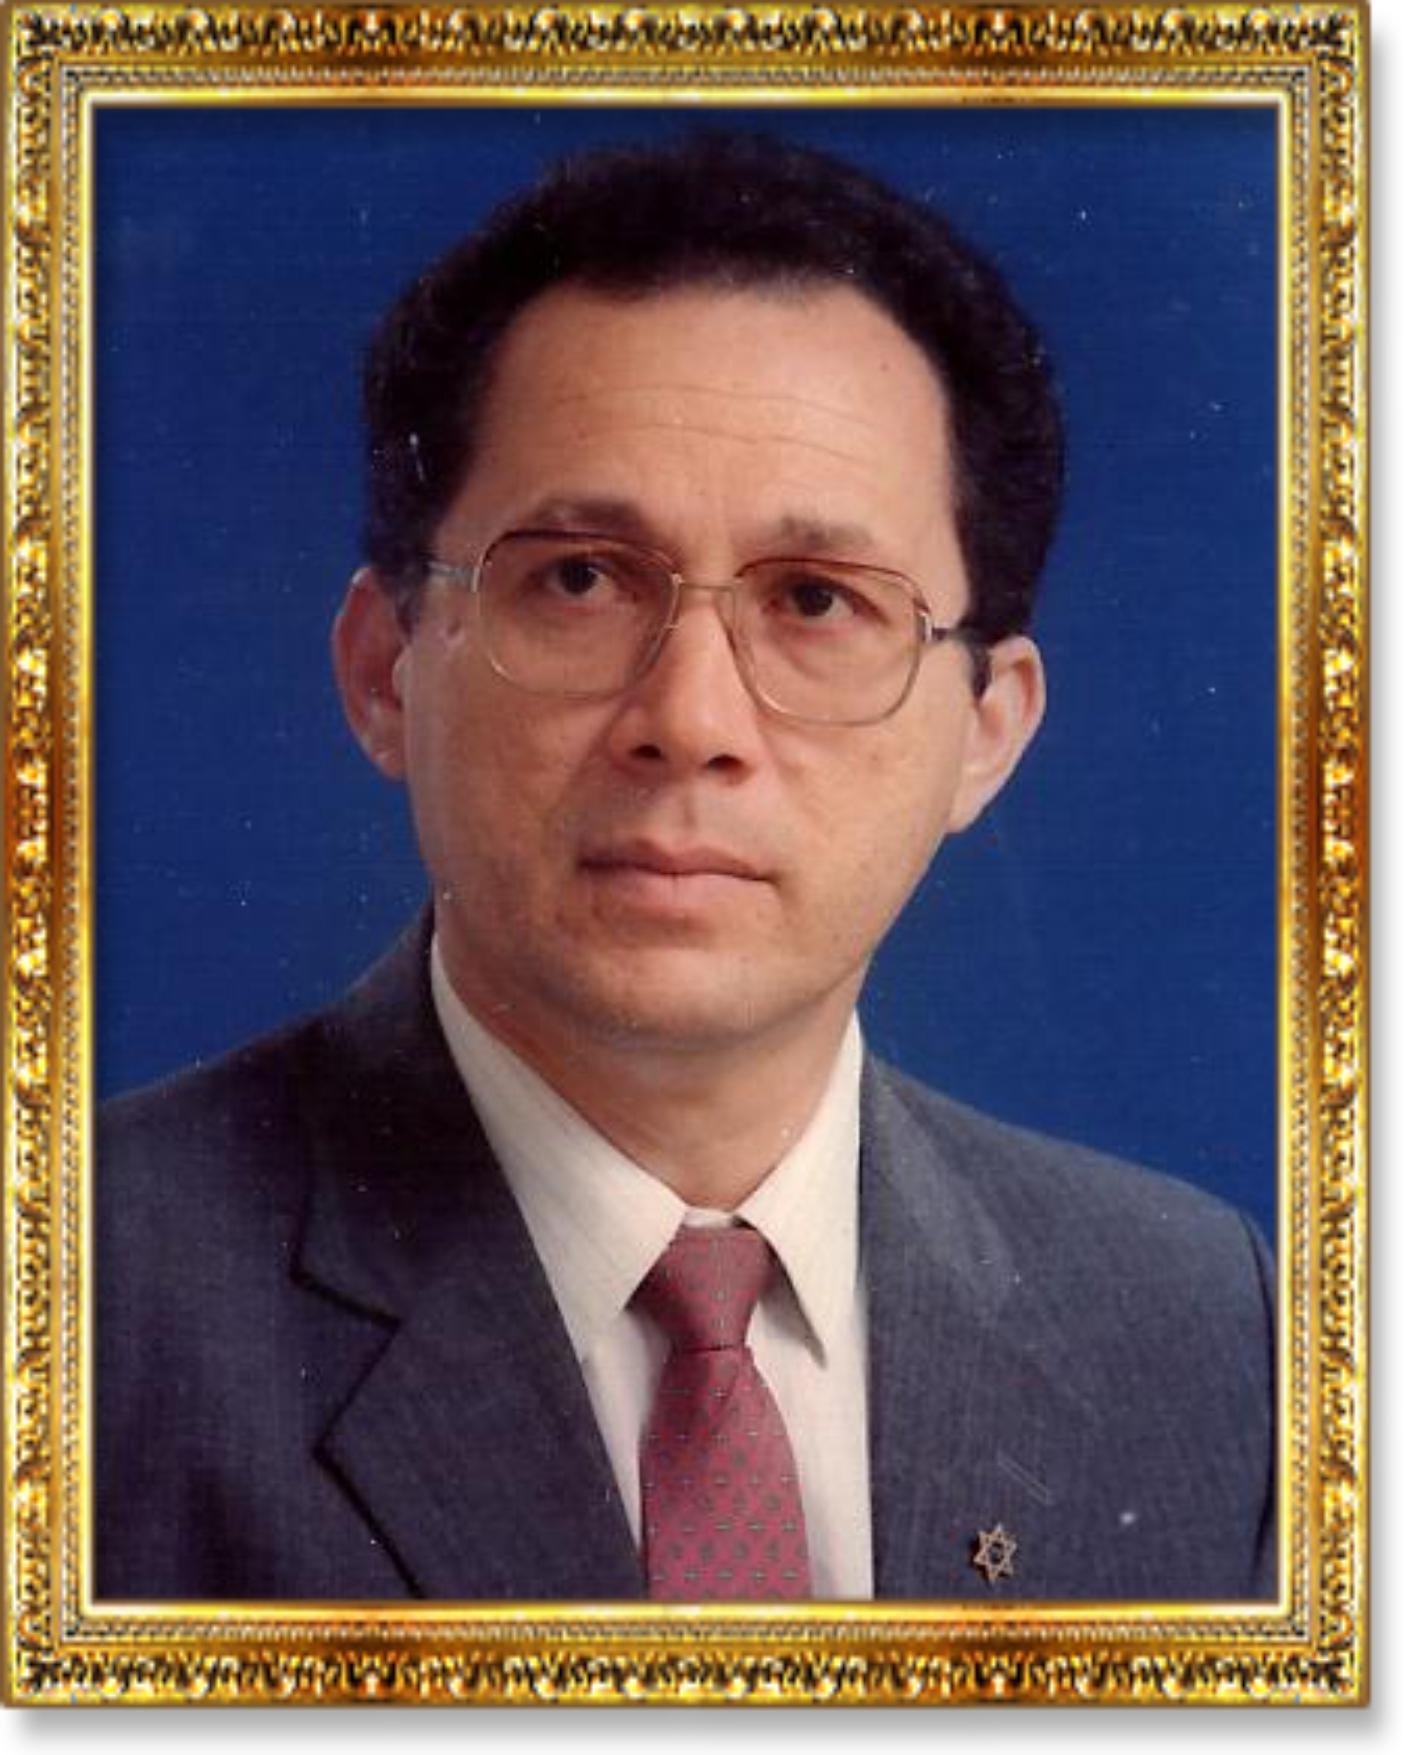 PR. RAIMUNDO FERREIRA DE OLIVEIRA